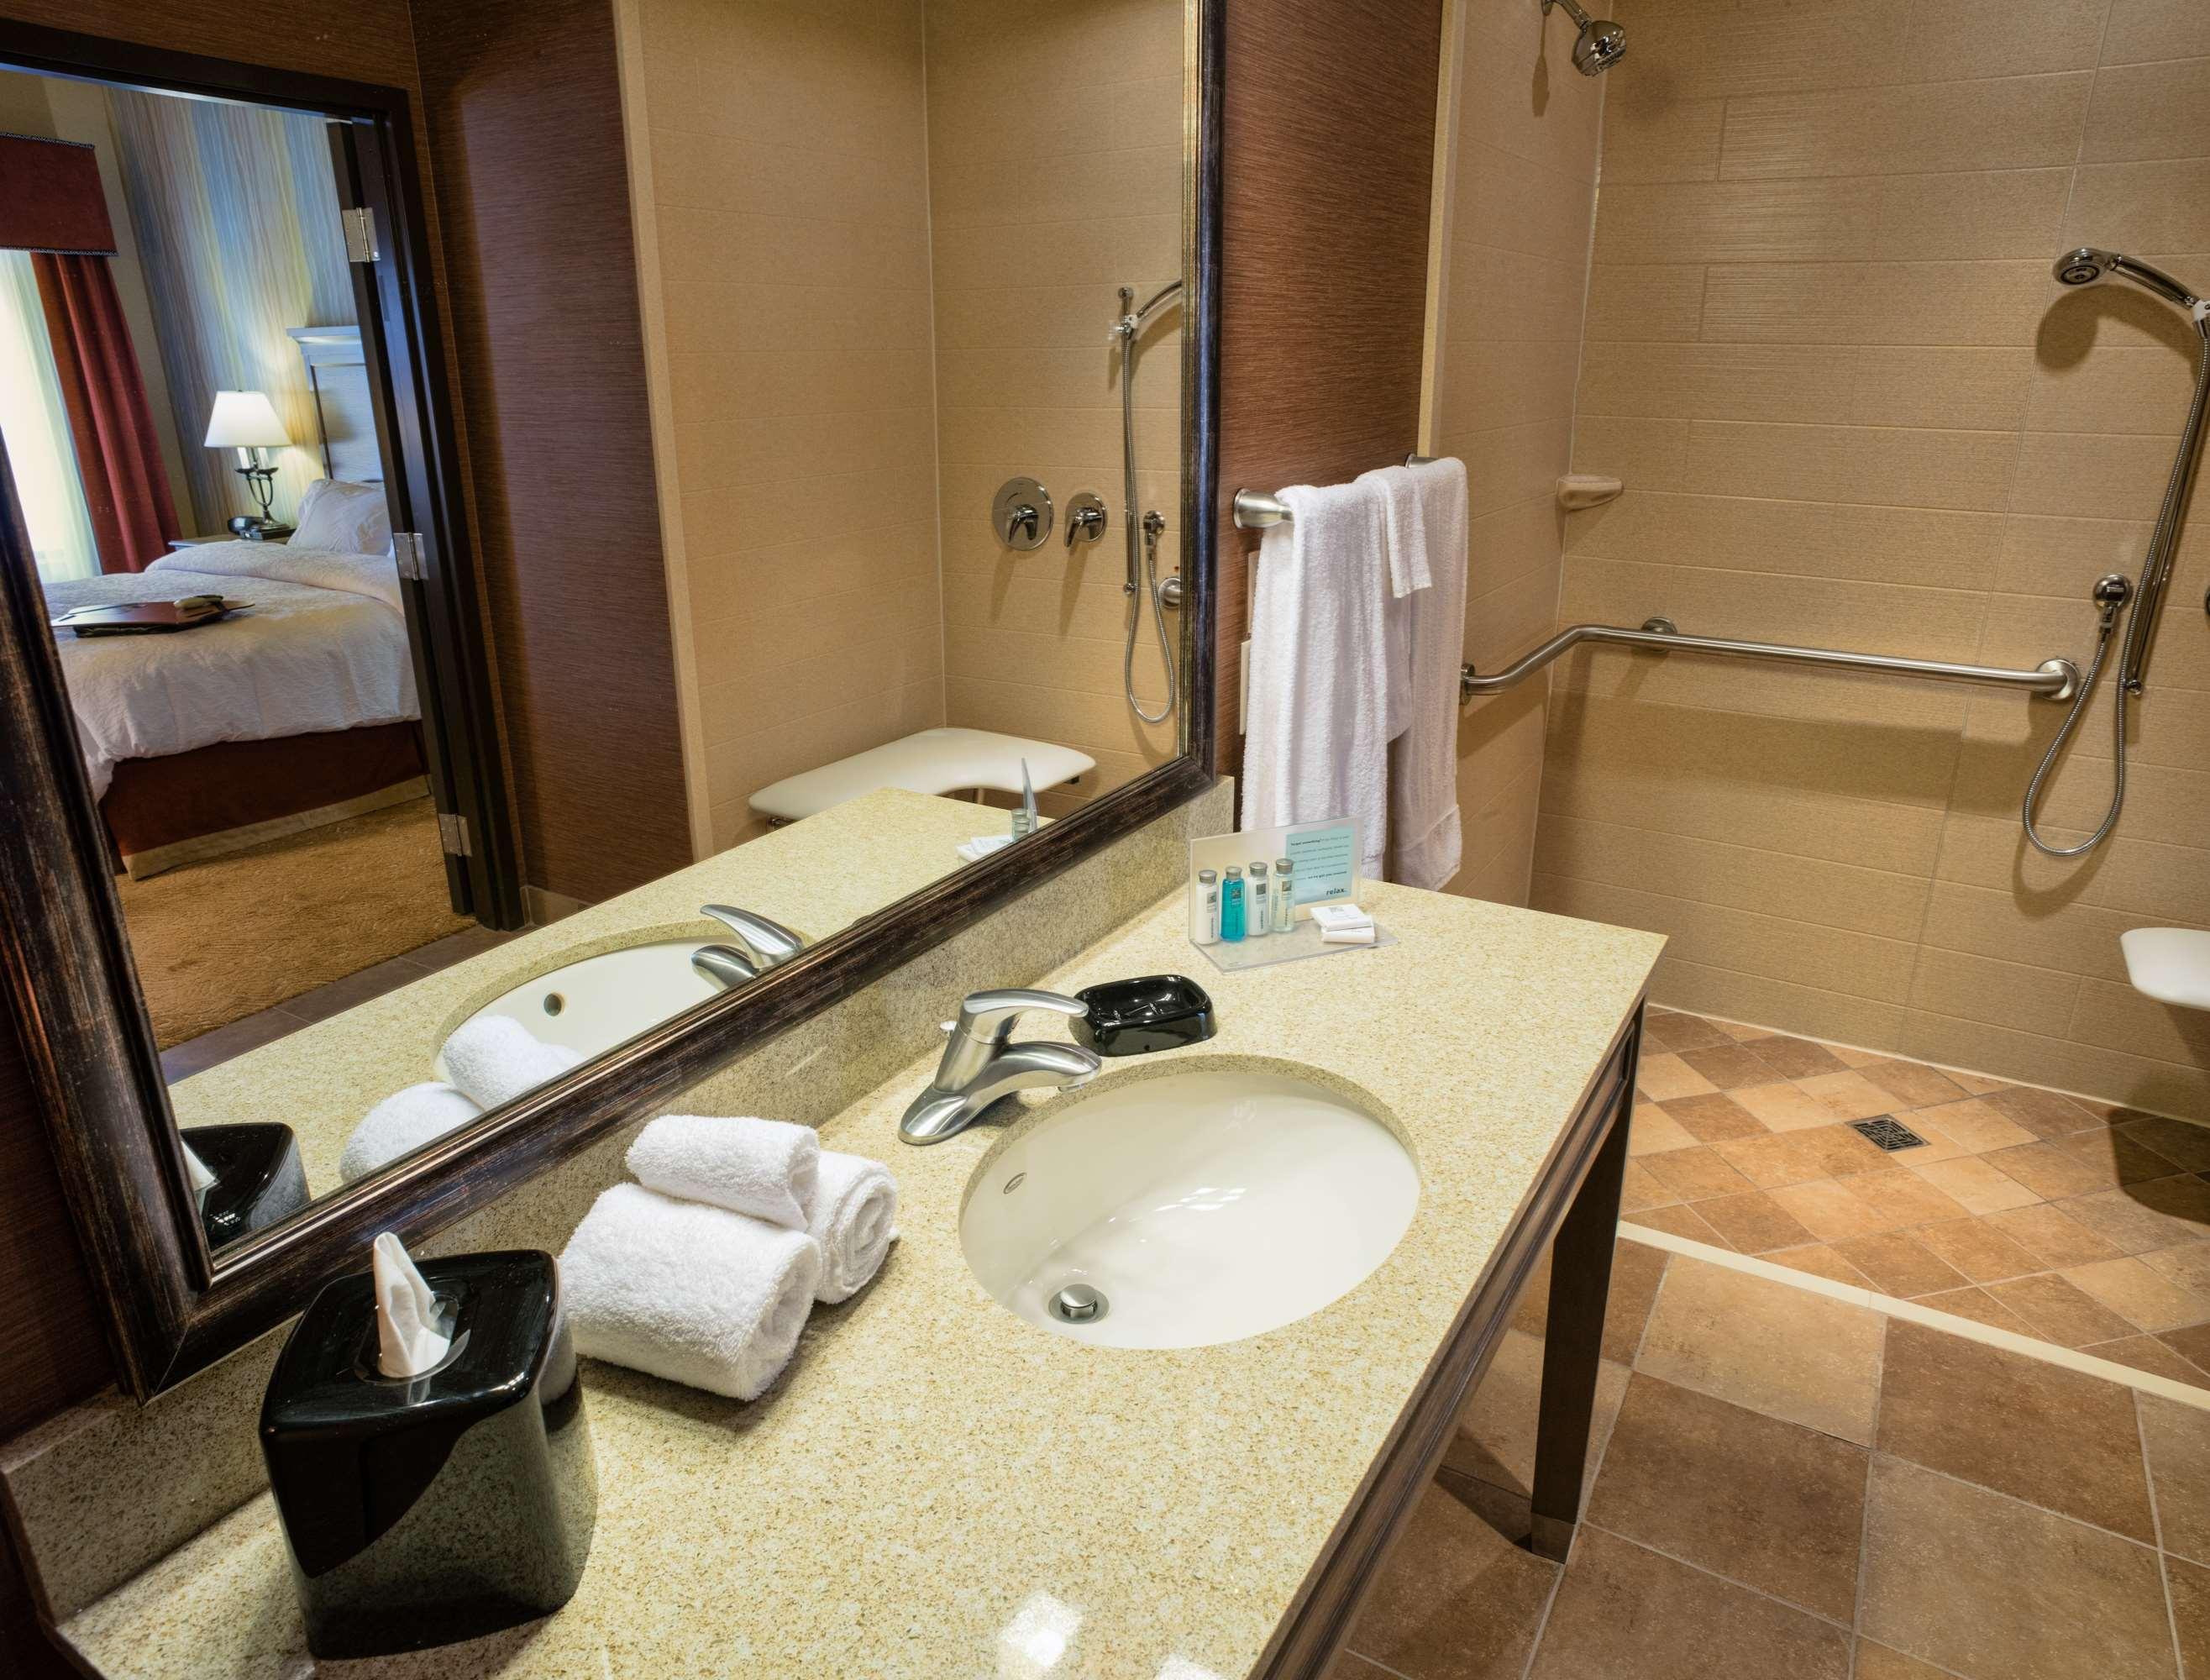 Hampton Inn & Suites Springdale/Zion National Park image 20